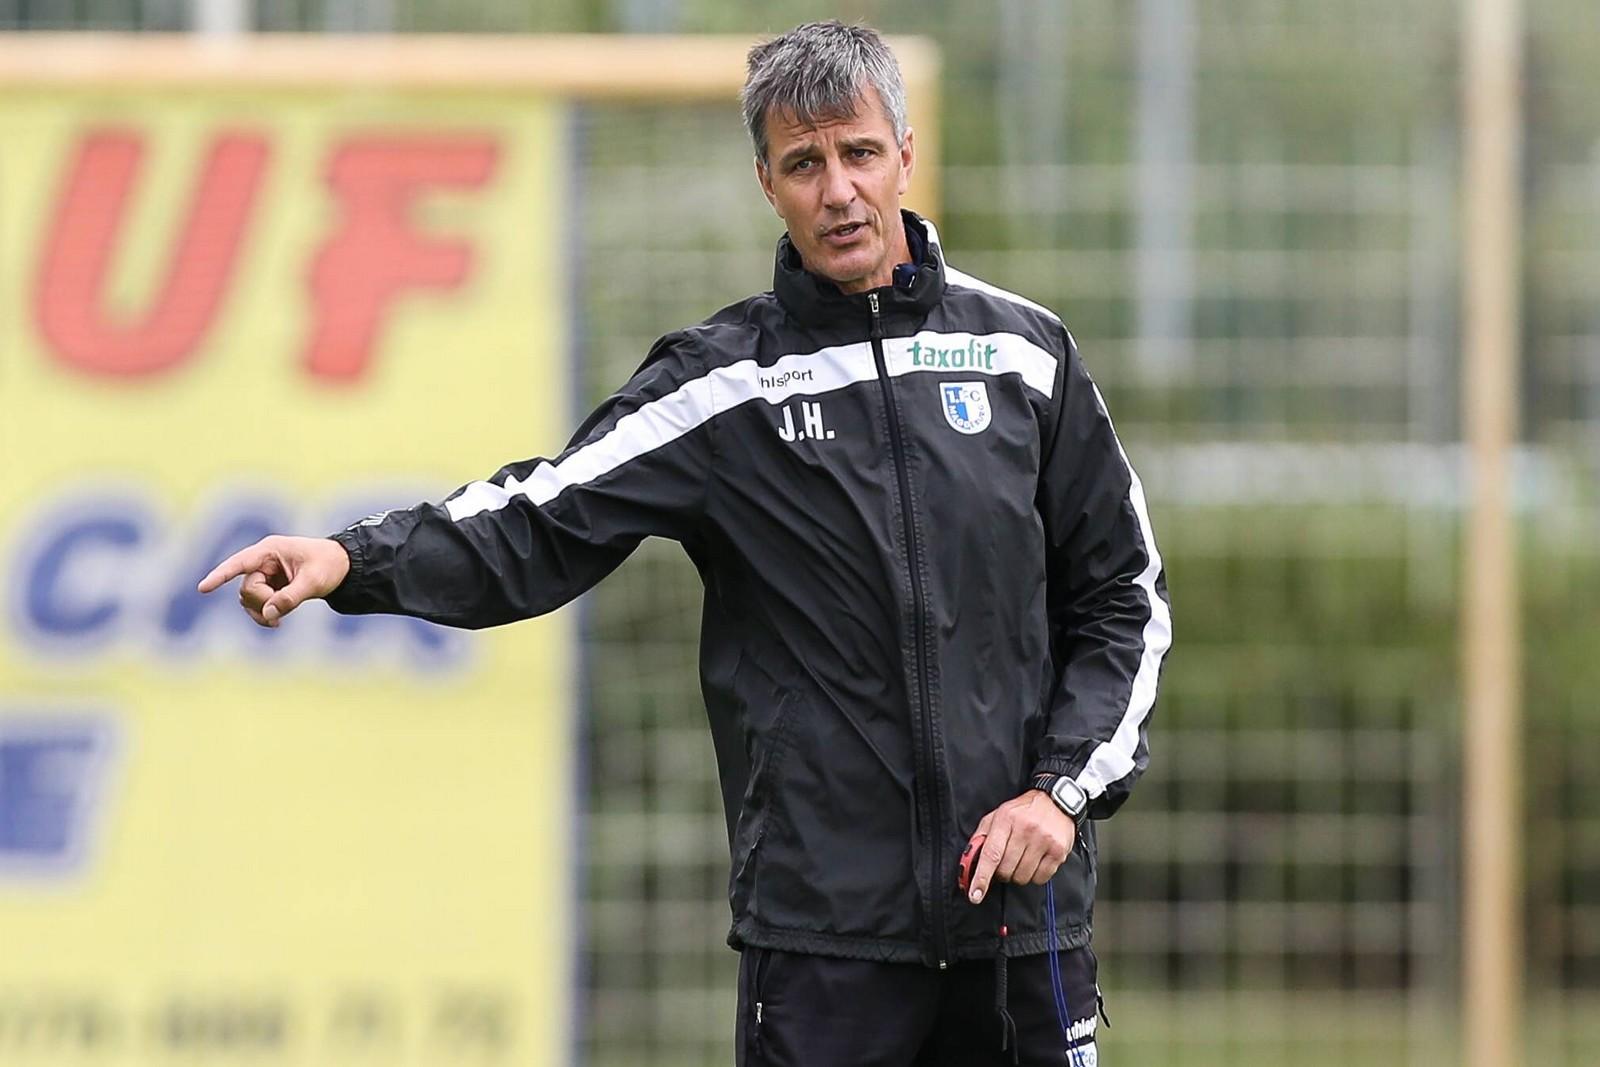 Magdeburgs Trainer Jens Härtel lässt sich vor dem Spiel gegen Dynamo Dresden nicht in die Karten schauen